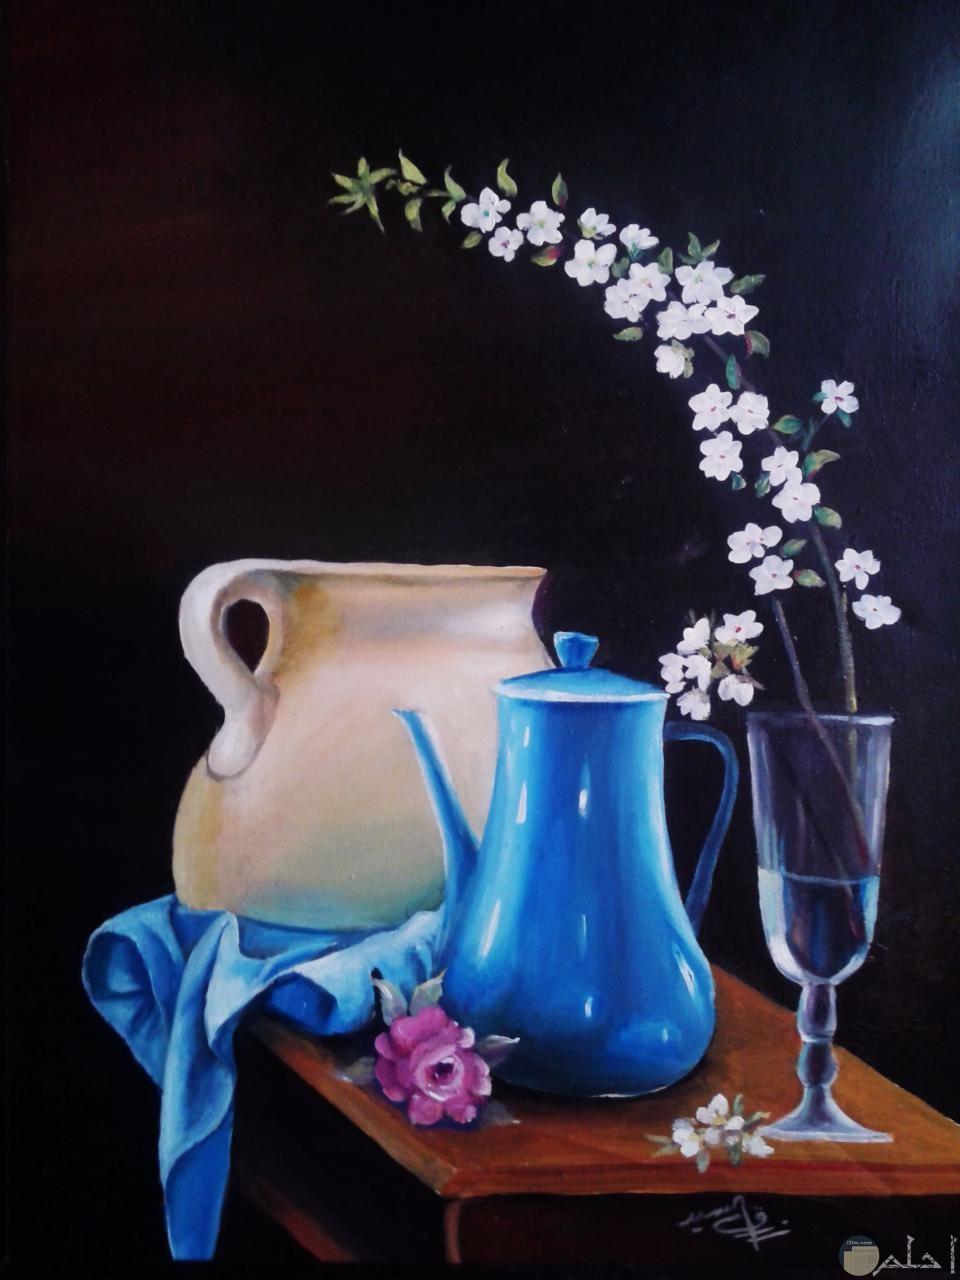 أبريق كأس مرسومة و ملونة بألوان زيت.